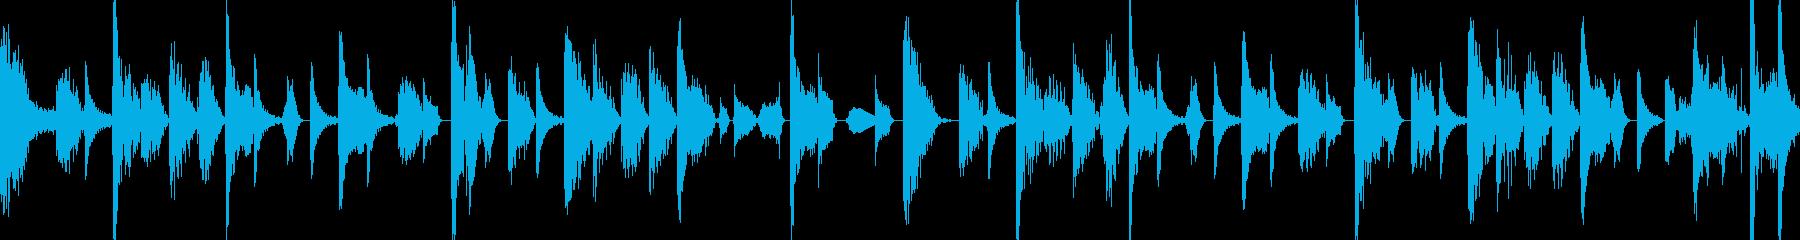 シンキングタイムの再生済みの波形